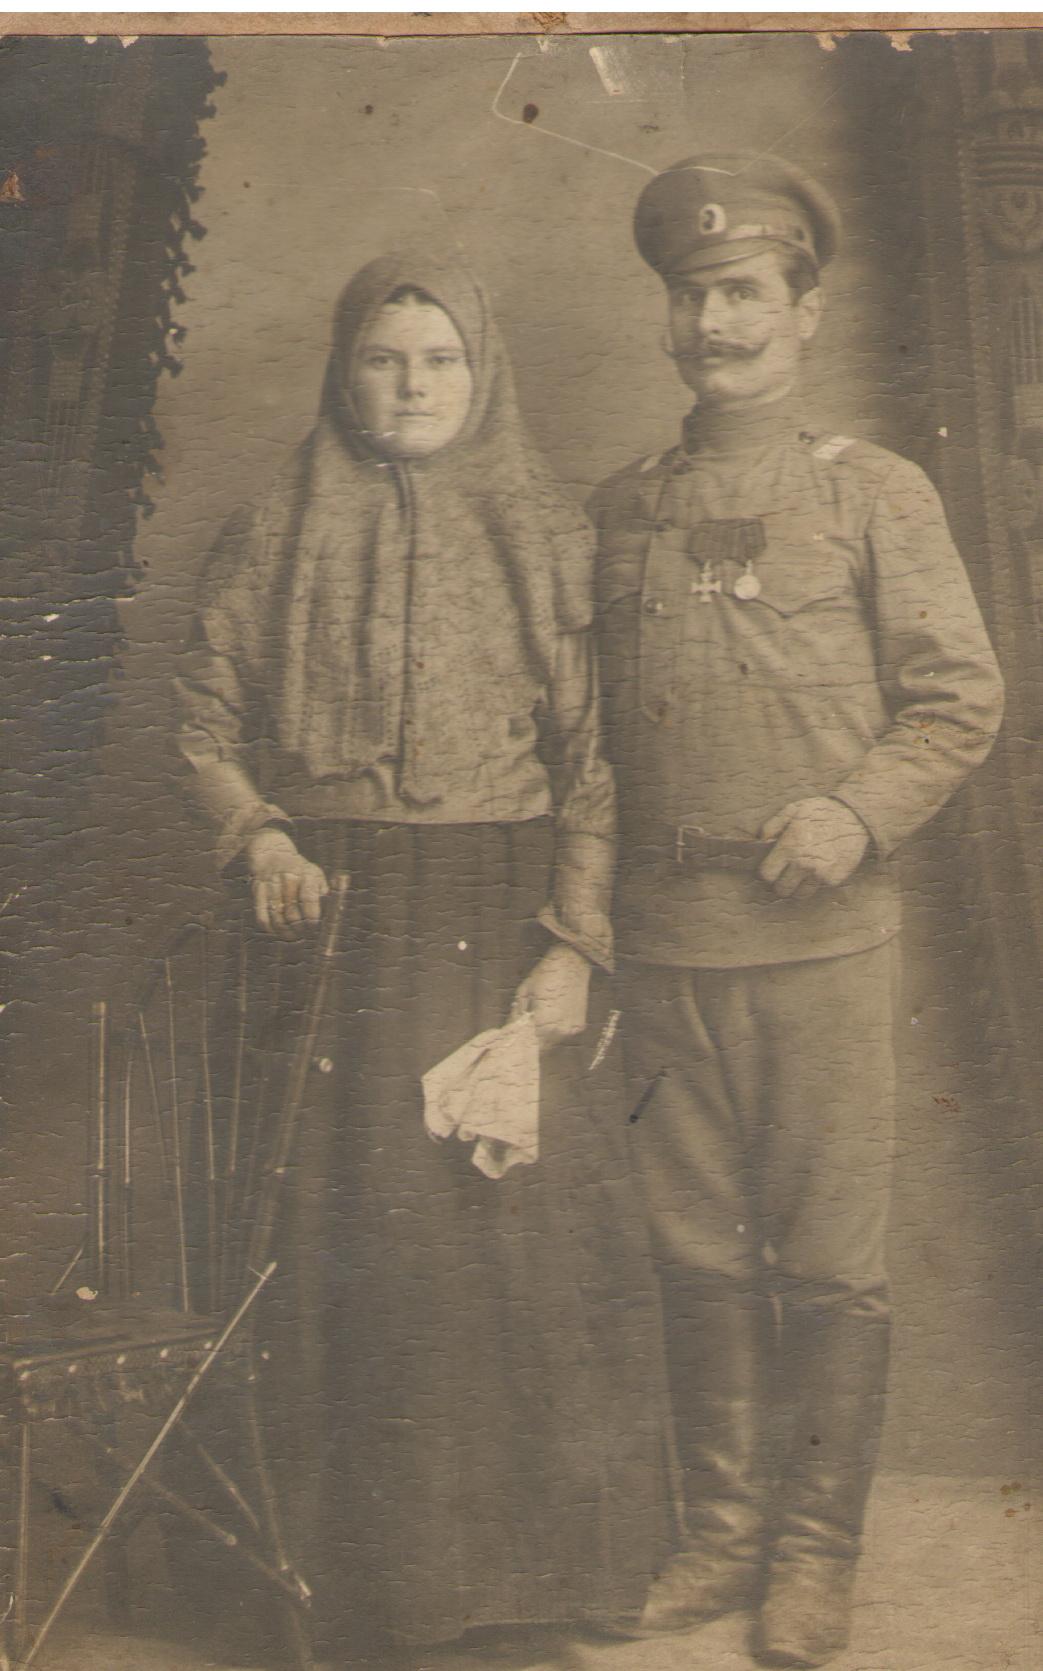 Георгиевский кавалер И.И. Рязанцев с супругой, уроженец с. Бормы Самарской губернии